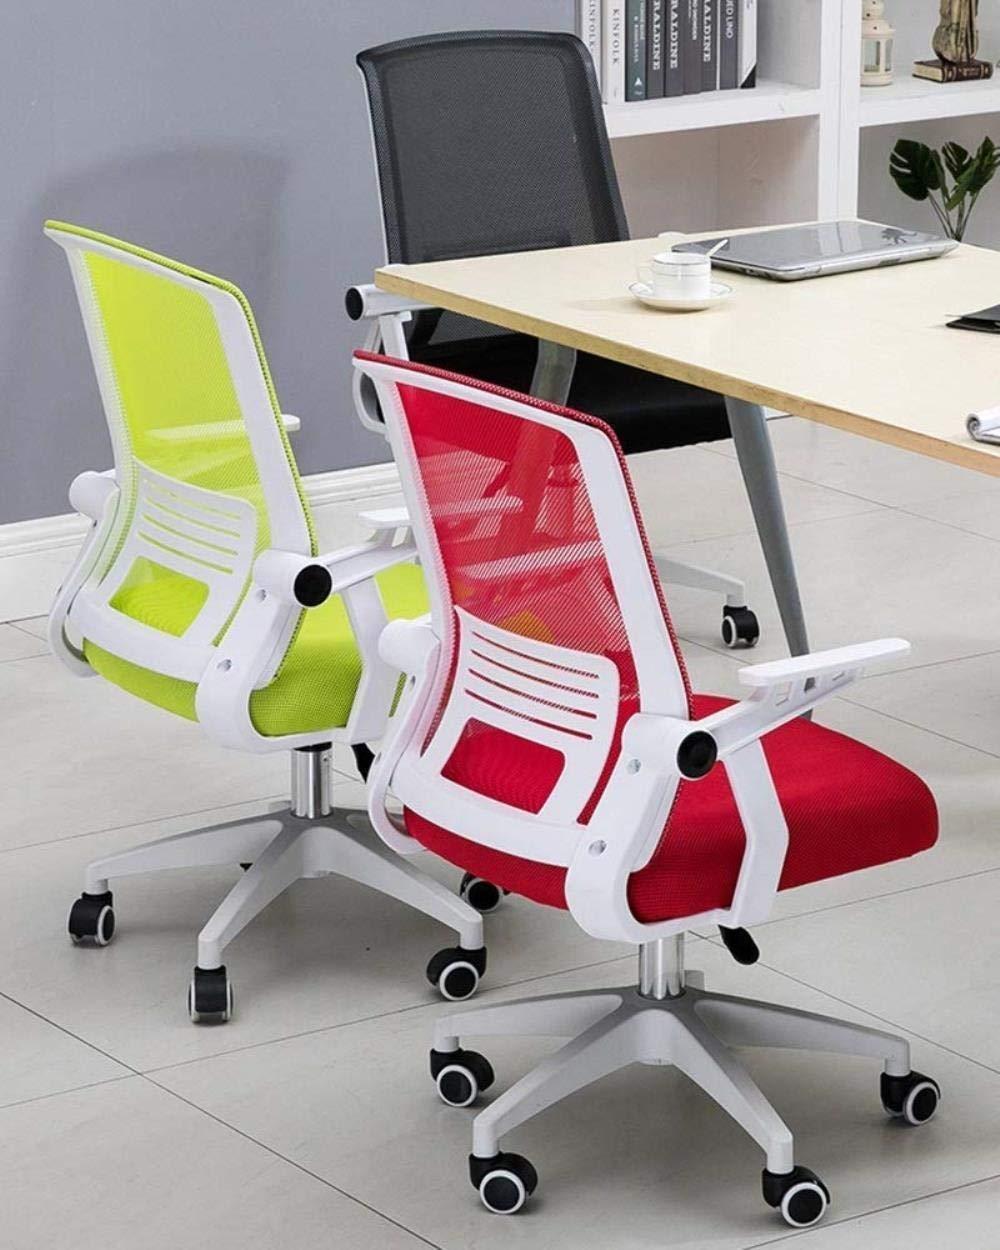 THBEIBEI Mesh dator kontorsstol med ländrygg stöd andas nät ryggstöd ljus kontorsstol hopfällbart armstöd och nylonbas bärande vikt 120 kg (färg: Röd) gRÖN